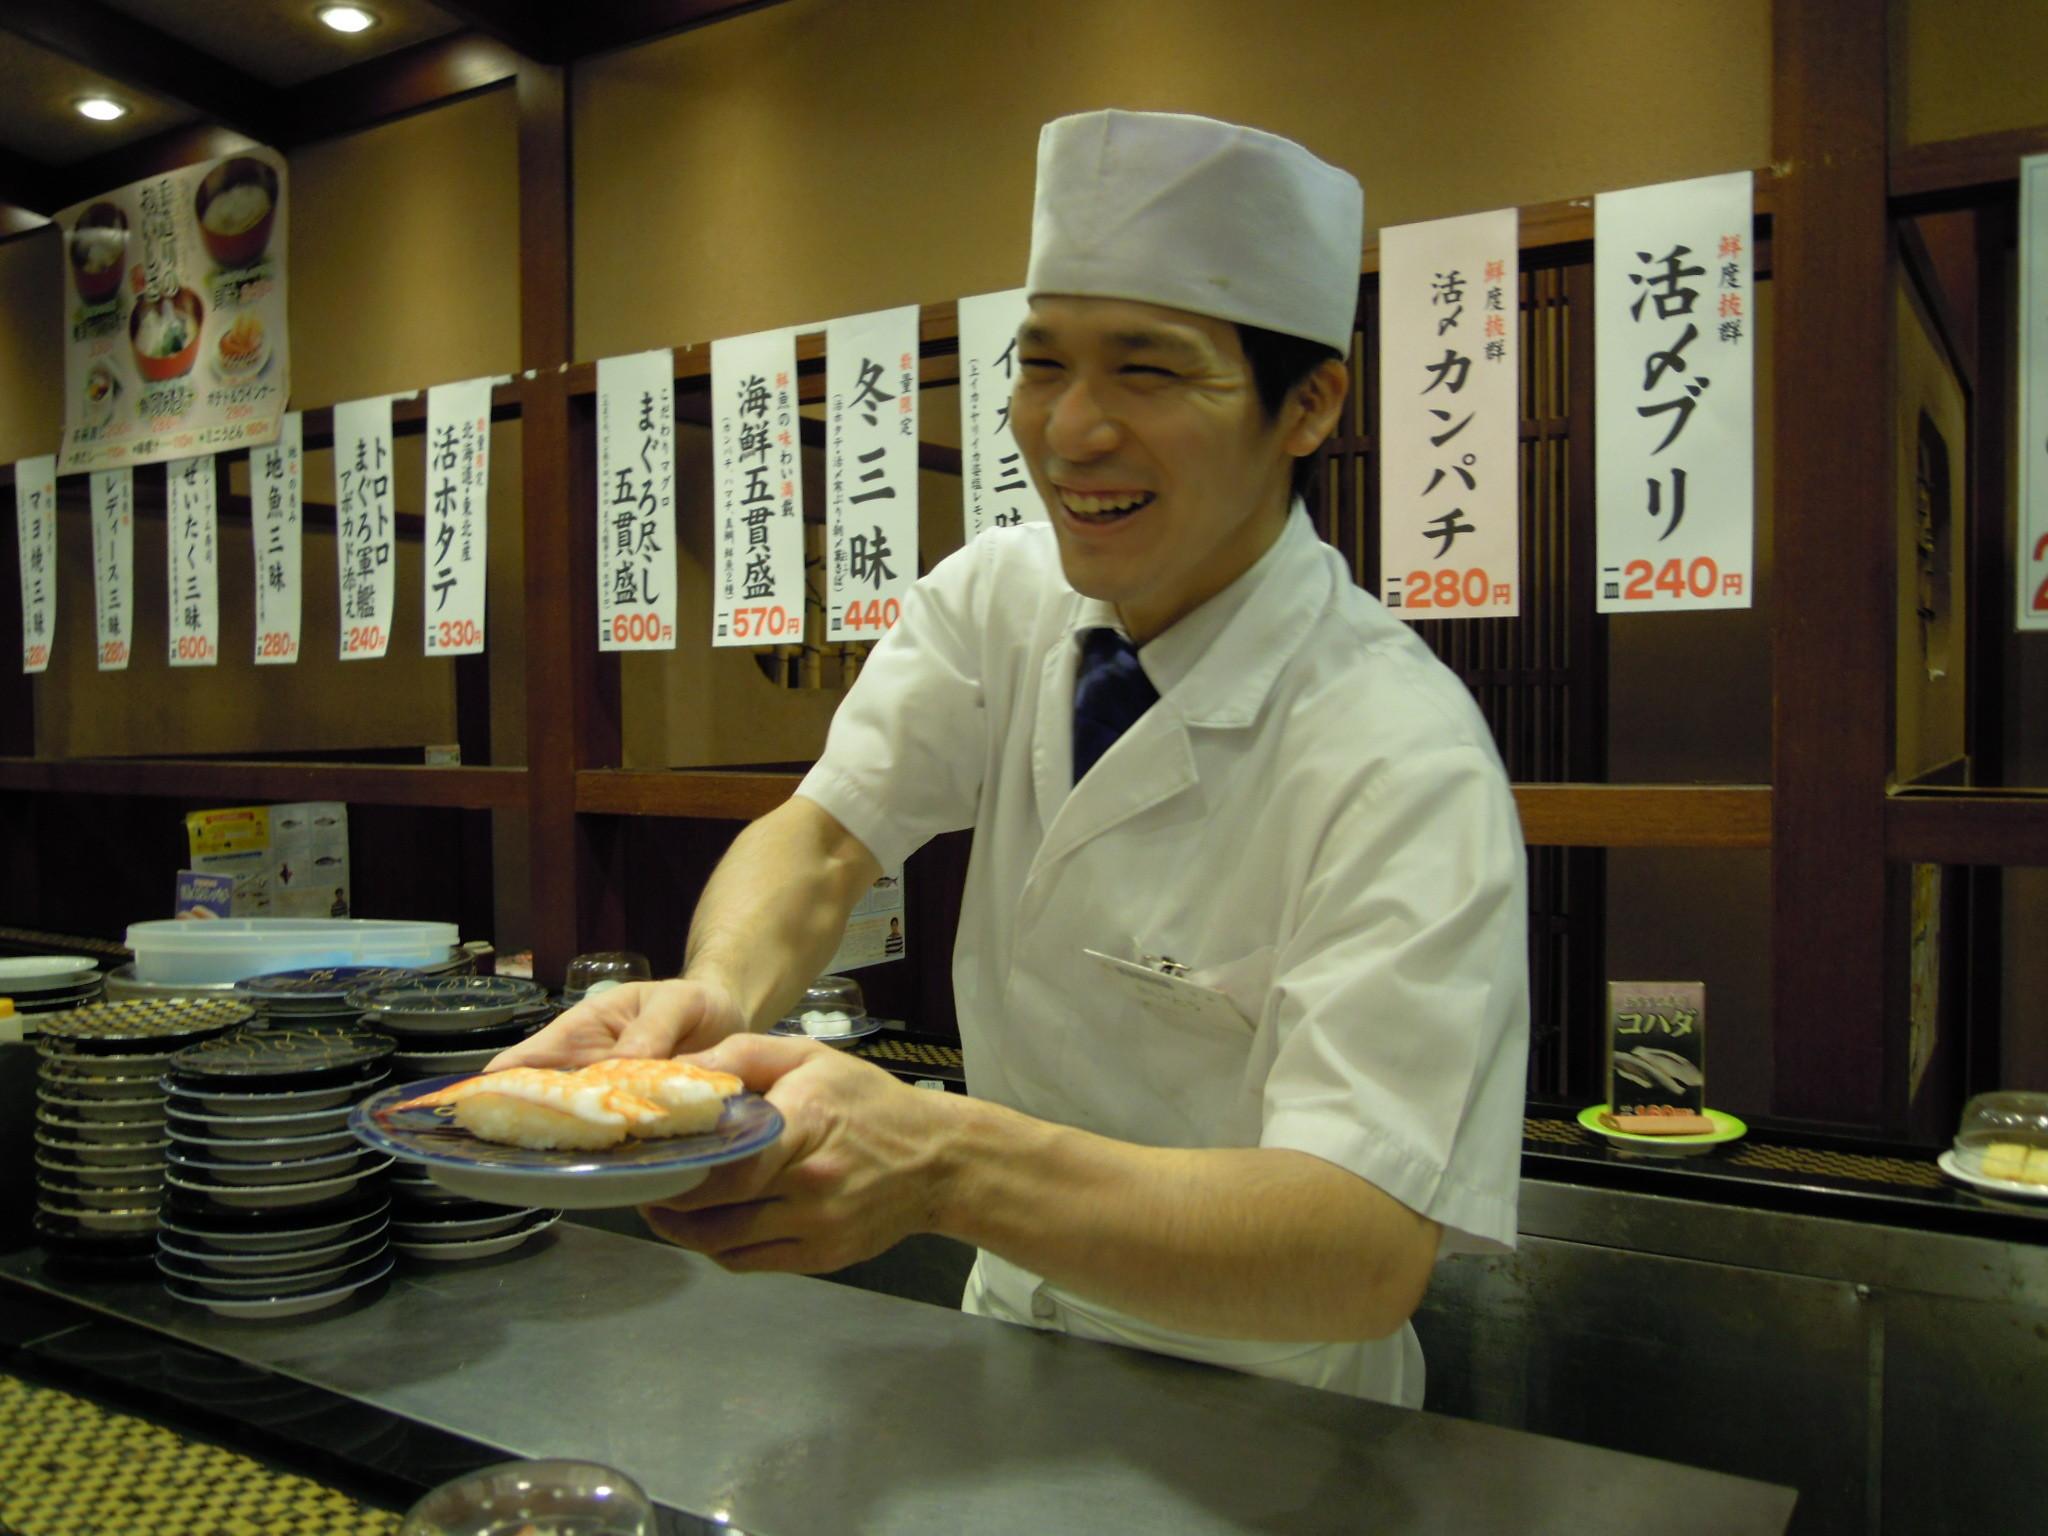 寿しまどか 武岡店 のアルバイト情報